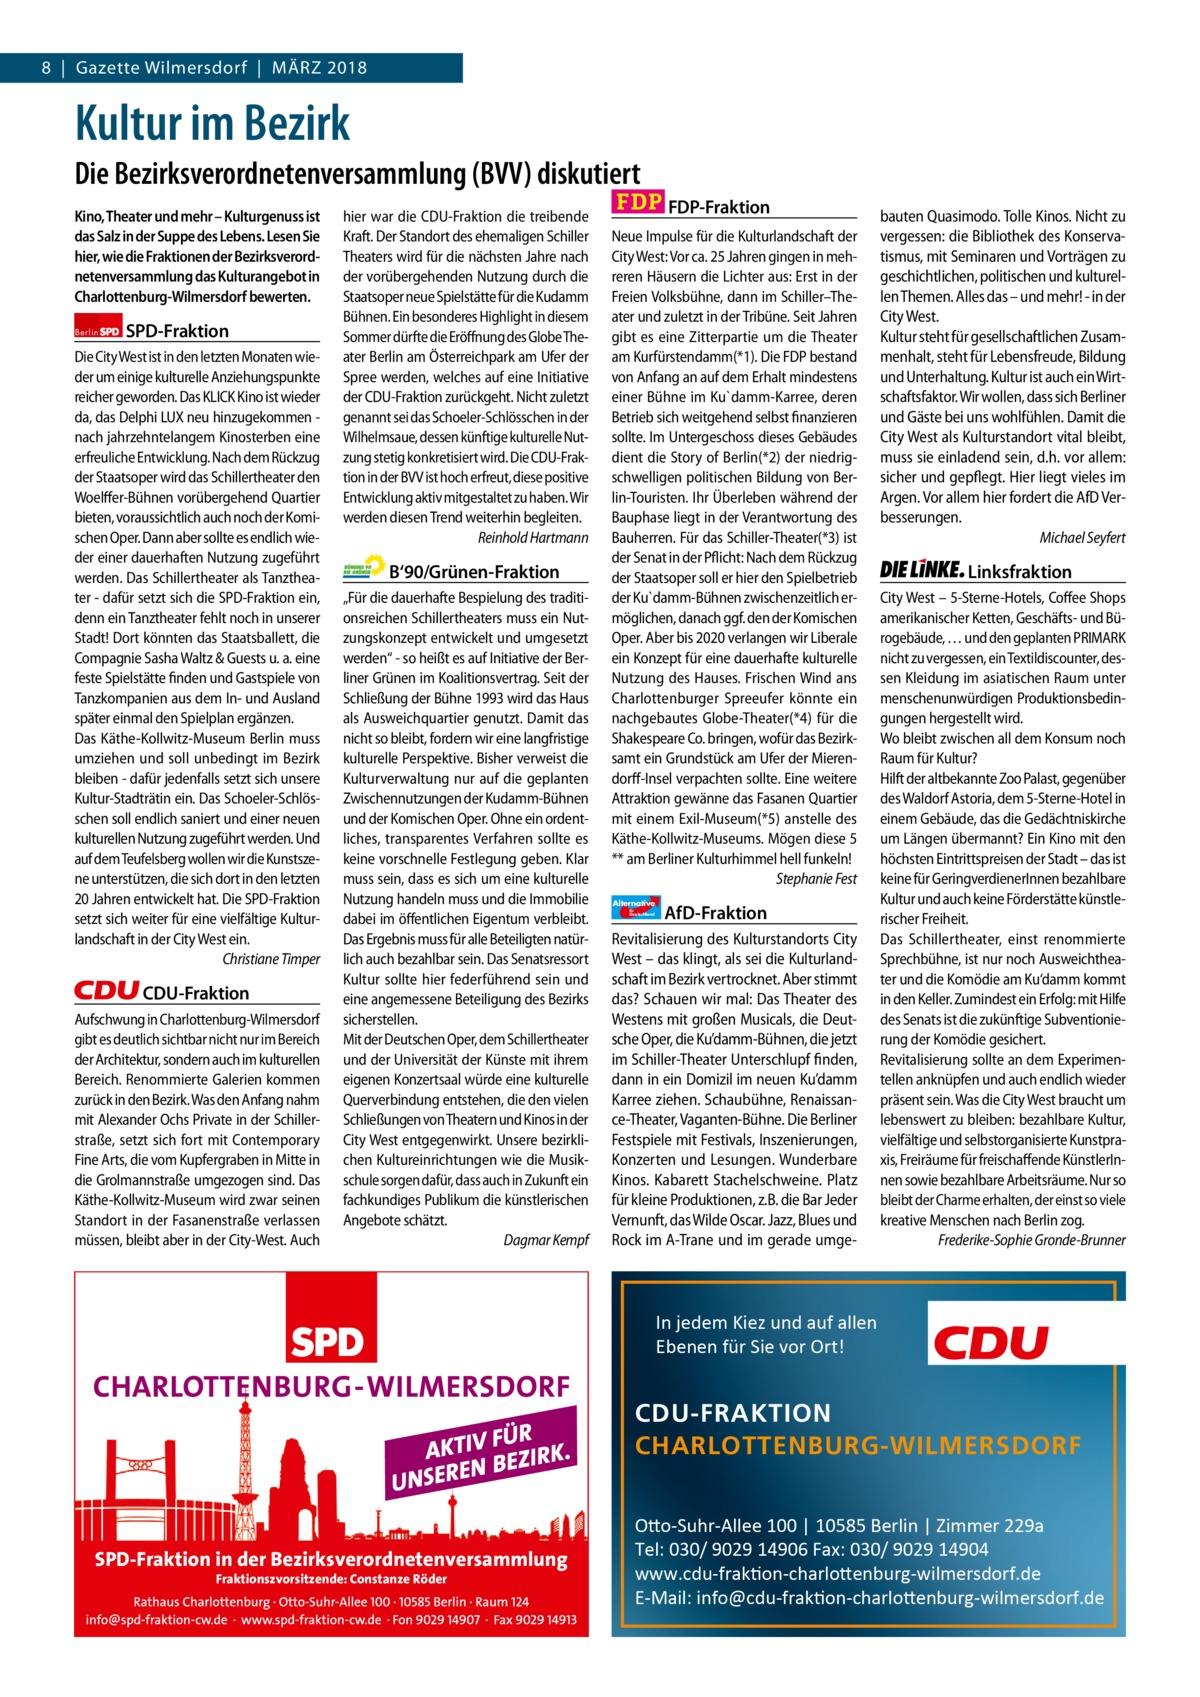 8 Gazette Gazette Charlottenburg Wilmersdorf März & Wilmersdorf 2018  www.gazette-berlin.de  Kultur im Bezirk Die Bezirksverordnetenversammlung (BVV) diskutiert Kino, Theater und mehr – Kulturgenuss ist das Salz in der Suppe des Lebens. Lesen Sie hier, wie die Fraktionen der Bezirksverordnetenversammlung das Kulturangebot in Charlottenburg-Wilmersdorf bewerten. Berlin  SPD-Fraktion  Die City West ist in den letzten Monaten wieder um einige kulturelle Anziehungspunkte reicher geworden. Das KLICK Kino ist wieder da, das Delphi LUX neu hinzugekommen nach jahrzehntelangem Kinosterben eine erfreuliche Entwicklung. Nach dem Rückzug der Staatsoper wird das Schillertheater den Woelffer-Bühnen vorübergehend Quartier bieten, voraussichtlich auch noch der Komischen Oper. Dann aber sollte es endlich wieder einer dauerhaften Nutzung zugeführt werden. Das Schillertheater als Tanztheater - dafür setzt sich die SPD-Fraktion ein, denn ein Tanztheater fehlt noch in unserer Stadt! Dort könnten das Staatsballett, die Compagnie Sasha Waltz & Guests u. a. eine feste Spielstätte finden und Gastspiele von Tanzkompanien aus dem In- und Ausland später einmal den Spielplan ergänzen. Das Käthe-Kollwitz-Museum Berlin muss umziehen und soll unbedingt im Bezirk bleiben - dafür jedenfalls setzt sich unsere Kultur-Stadträtin ein. Das Schoeler-Schlösschen soll endlich saniert und einer neuen kulturellen Nutzung zugeführt werden. Und auf dem Teufelsberg wollen wir die Kunstszene unterstützen, die sich dort in den letzten 20 Jahren entwickelt hat. Die SPD-Fraktion setzt sich weiter für eine vielfältige Kulturlandschaft in der City West ein. Christiane Timper  CDU-Fraktion Aufschwung in Charlottenburg-Wilmersdorf gibt es deutlich sichtbar nicht nur im Bereich der Architektur, sondern auch im kulturellen Bereich. Renommierte Galerien kommen zurück in den Bezirk. Was den Anfang nahm mit Alexander Ochs Private in der Schillerstraße, setzt sich fort mit Contemporary Fine Arts, die vom Kupfergraben in Mitte